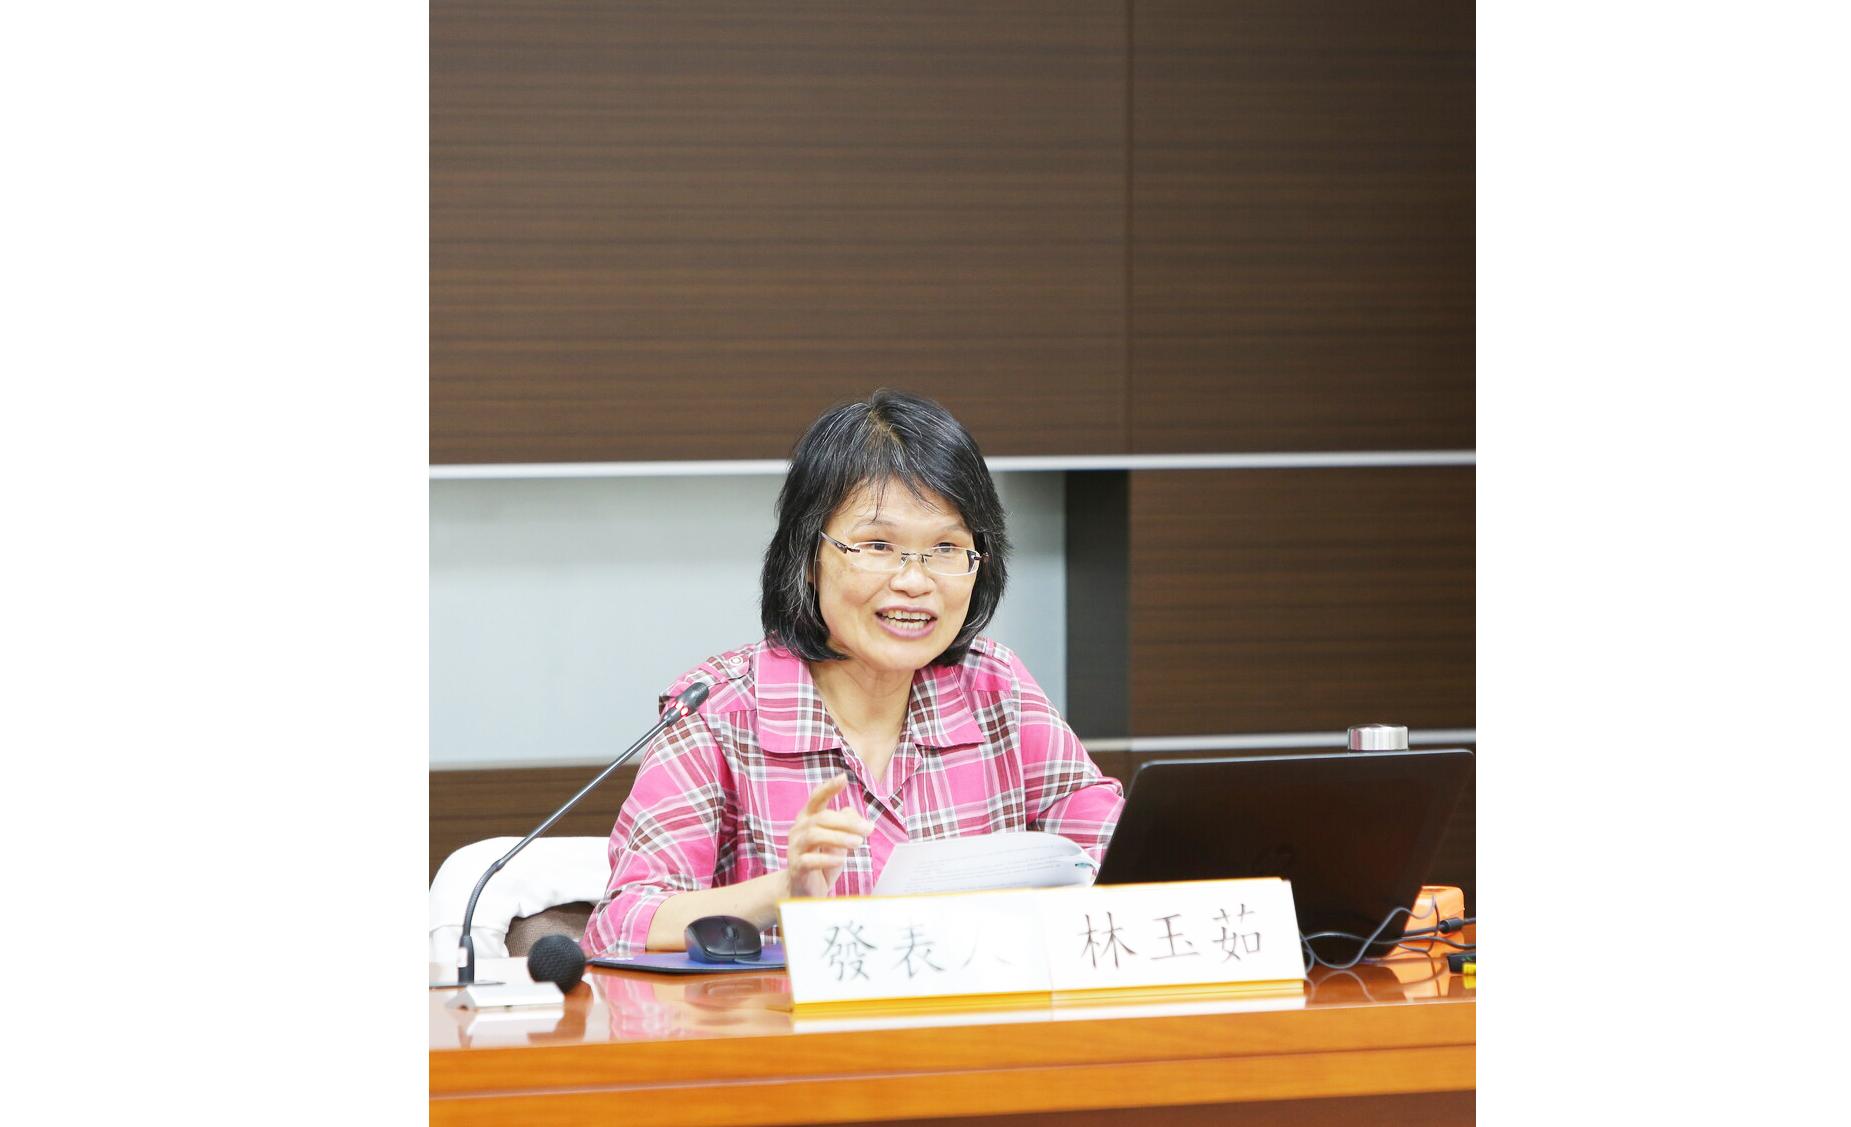 林玉茹教授演講「由臺灣出發:十八世紀海商團體郊的出現」紀要